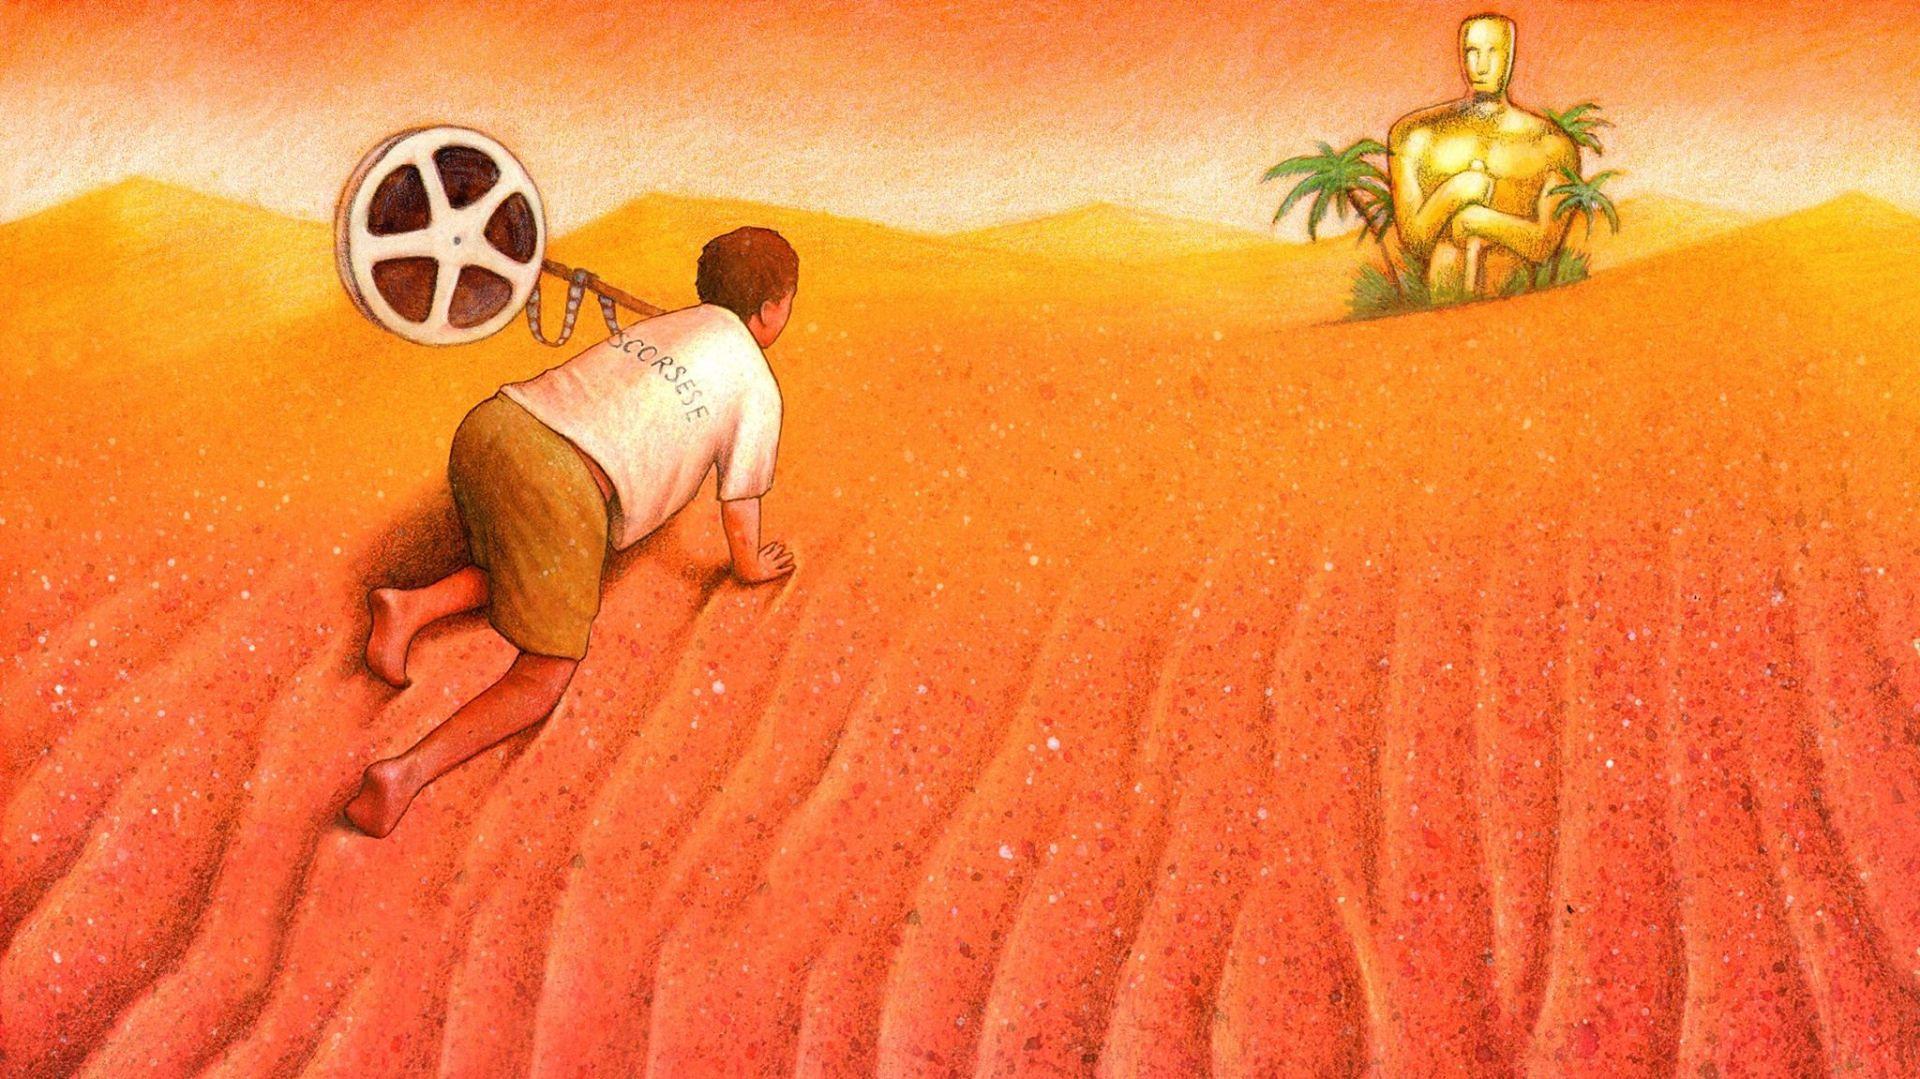 Na pustyni widziano Jezusa. W rękach trzymał Oscara